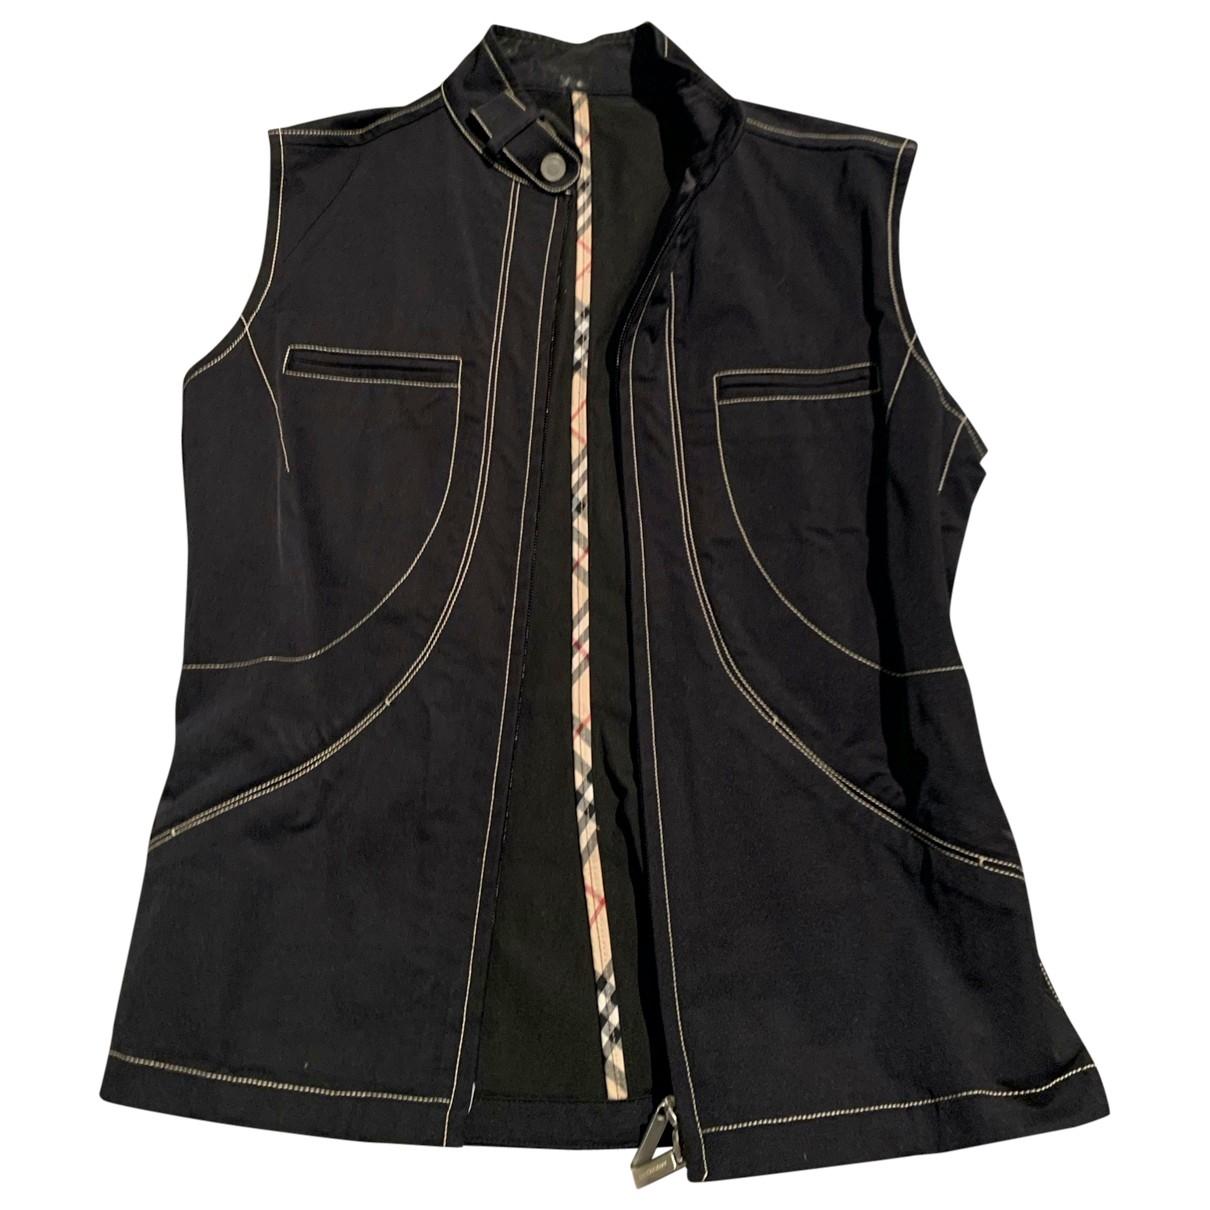 Burberry \N Black Knitwear for Women One Size IT